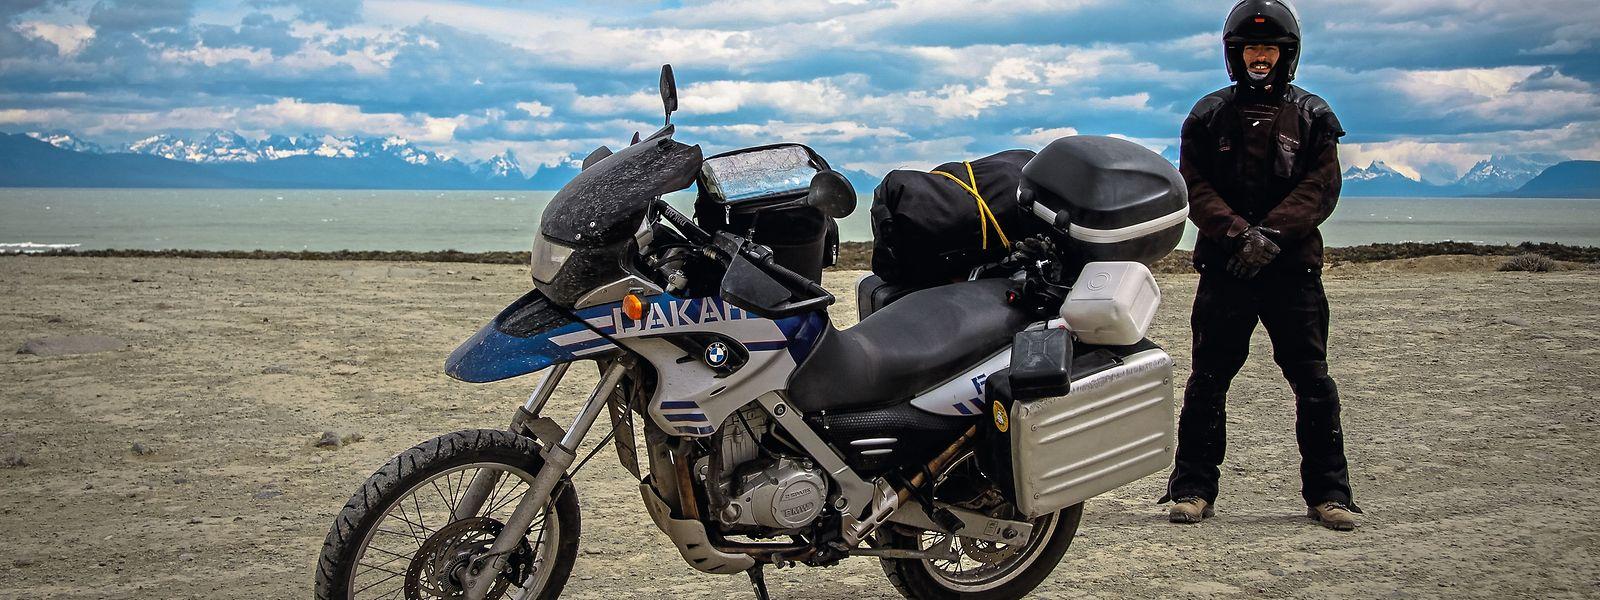 Jorge (Foto) und Anabela Valente sind monatelang mit dem Motorrad unterwegs. Sie zeigen, was und wie sie für diese Reisen packen.